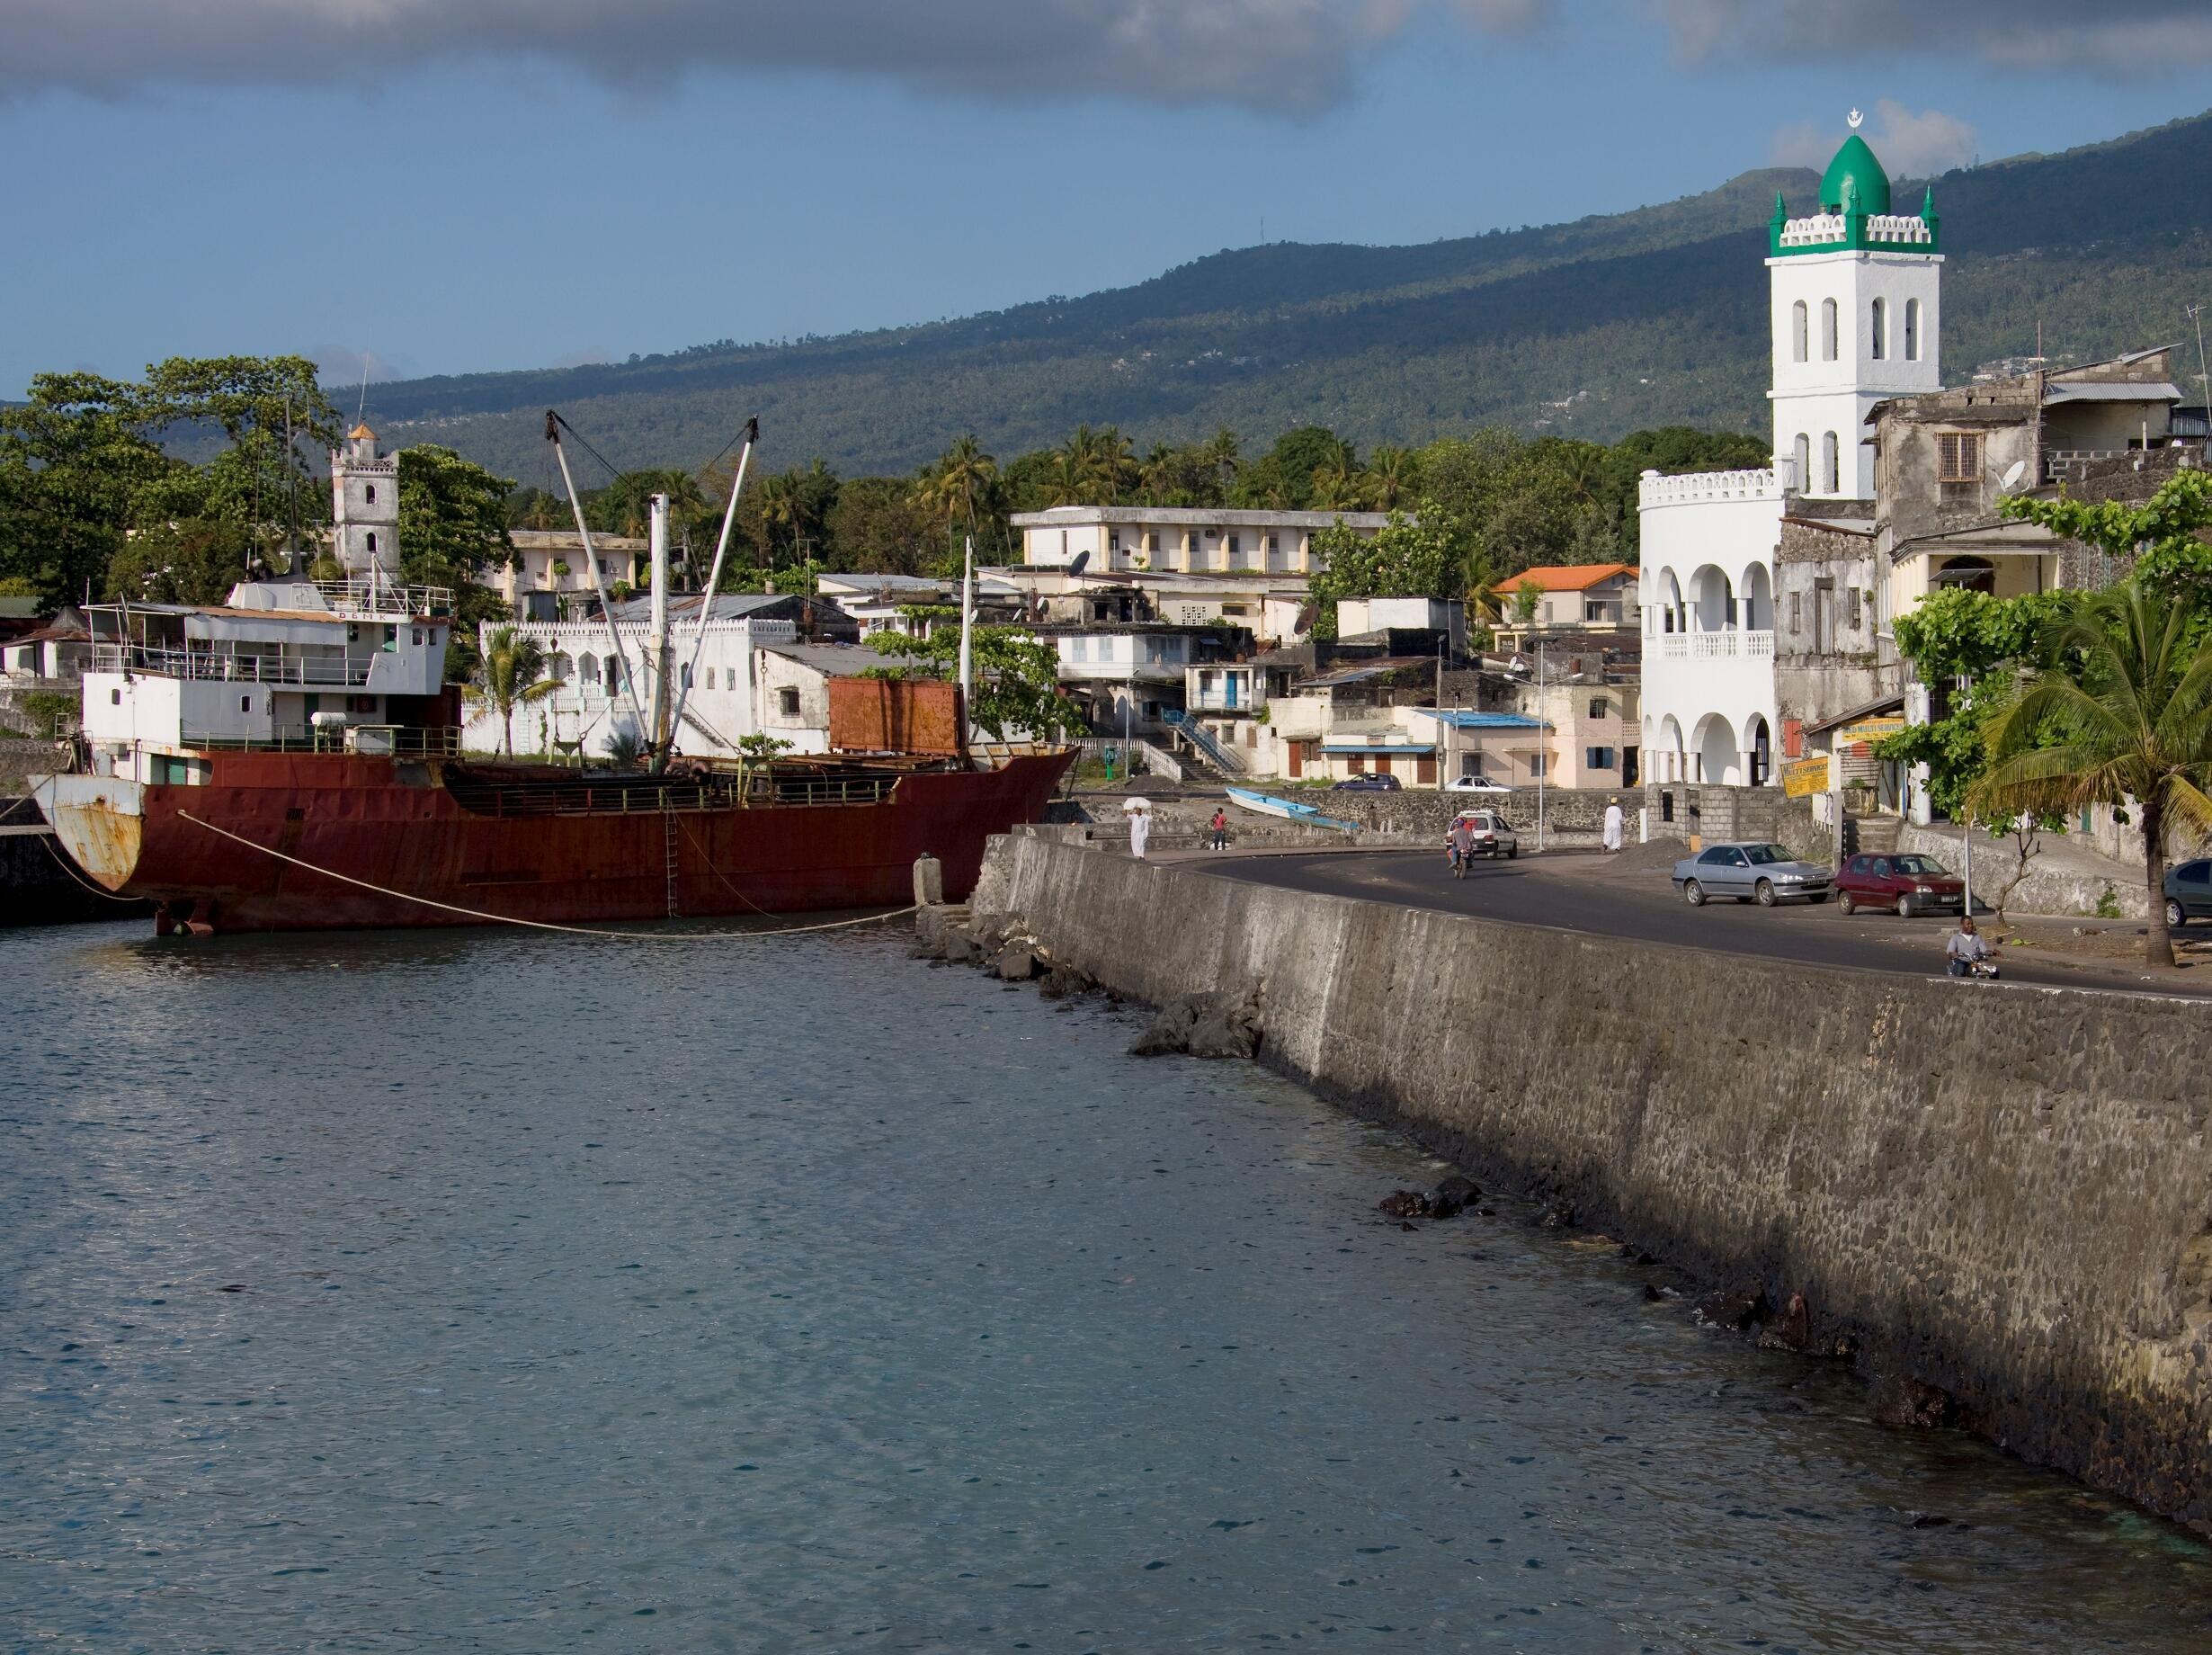 Vue générale de Moroni, la capitale des Comores (image d'illustration).